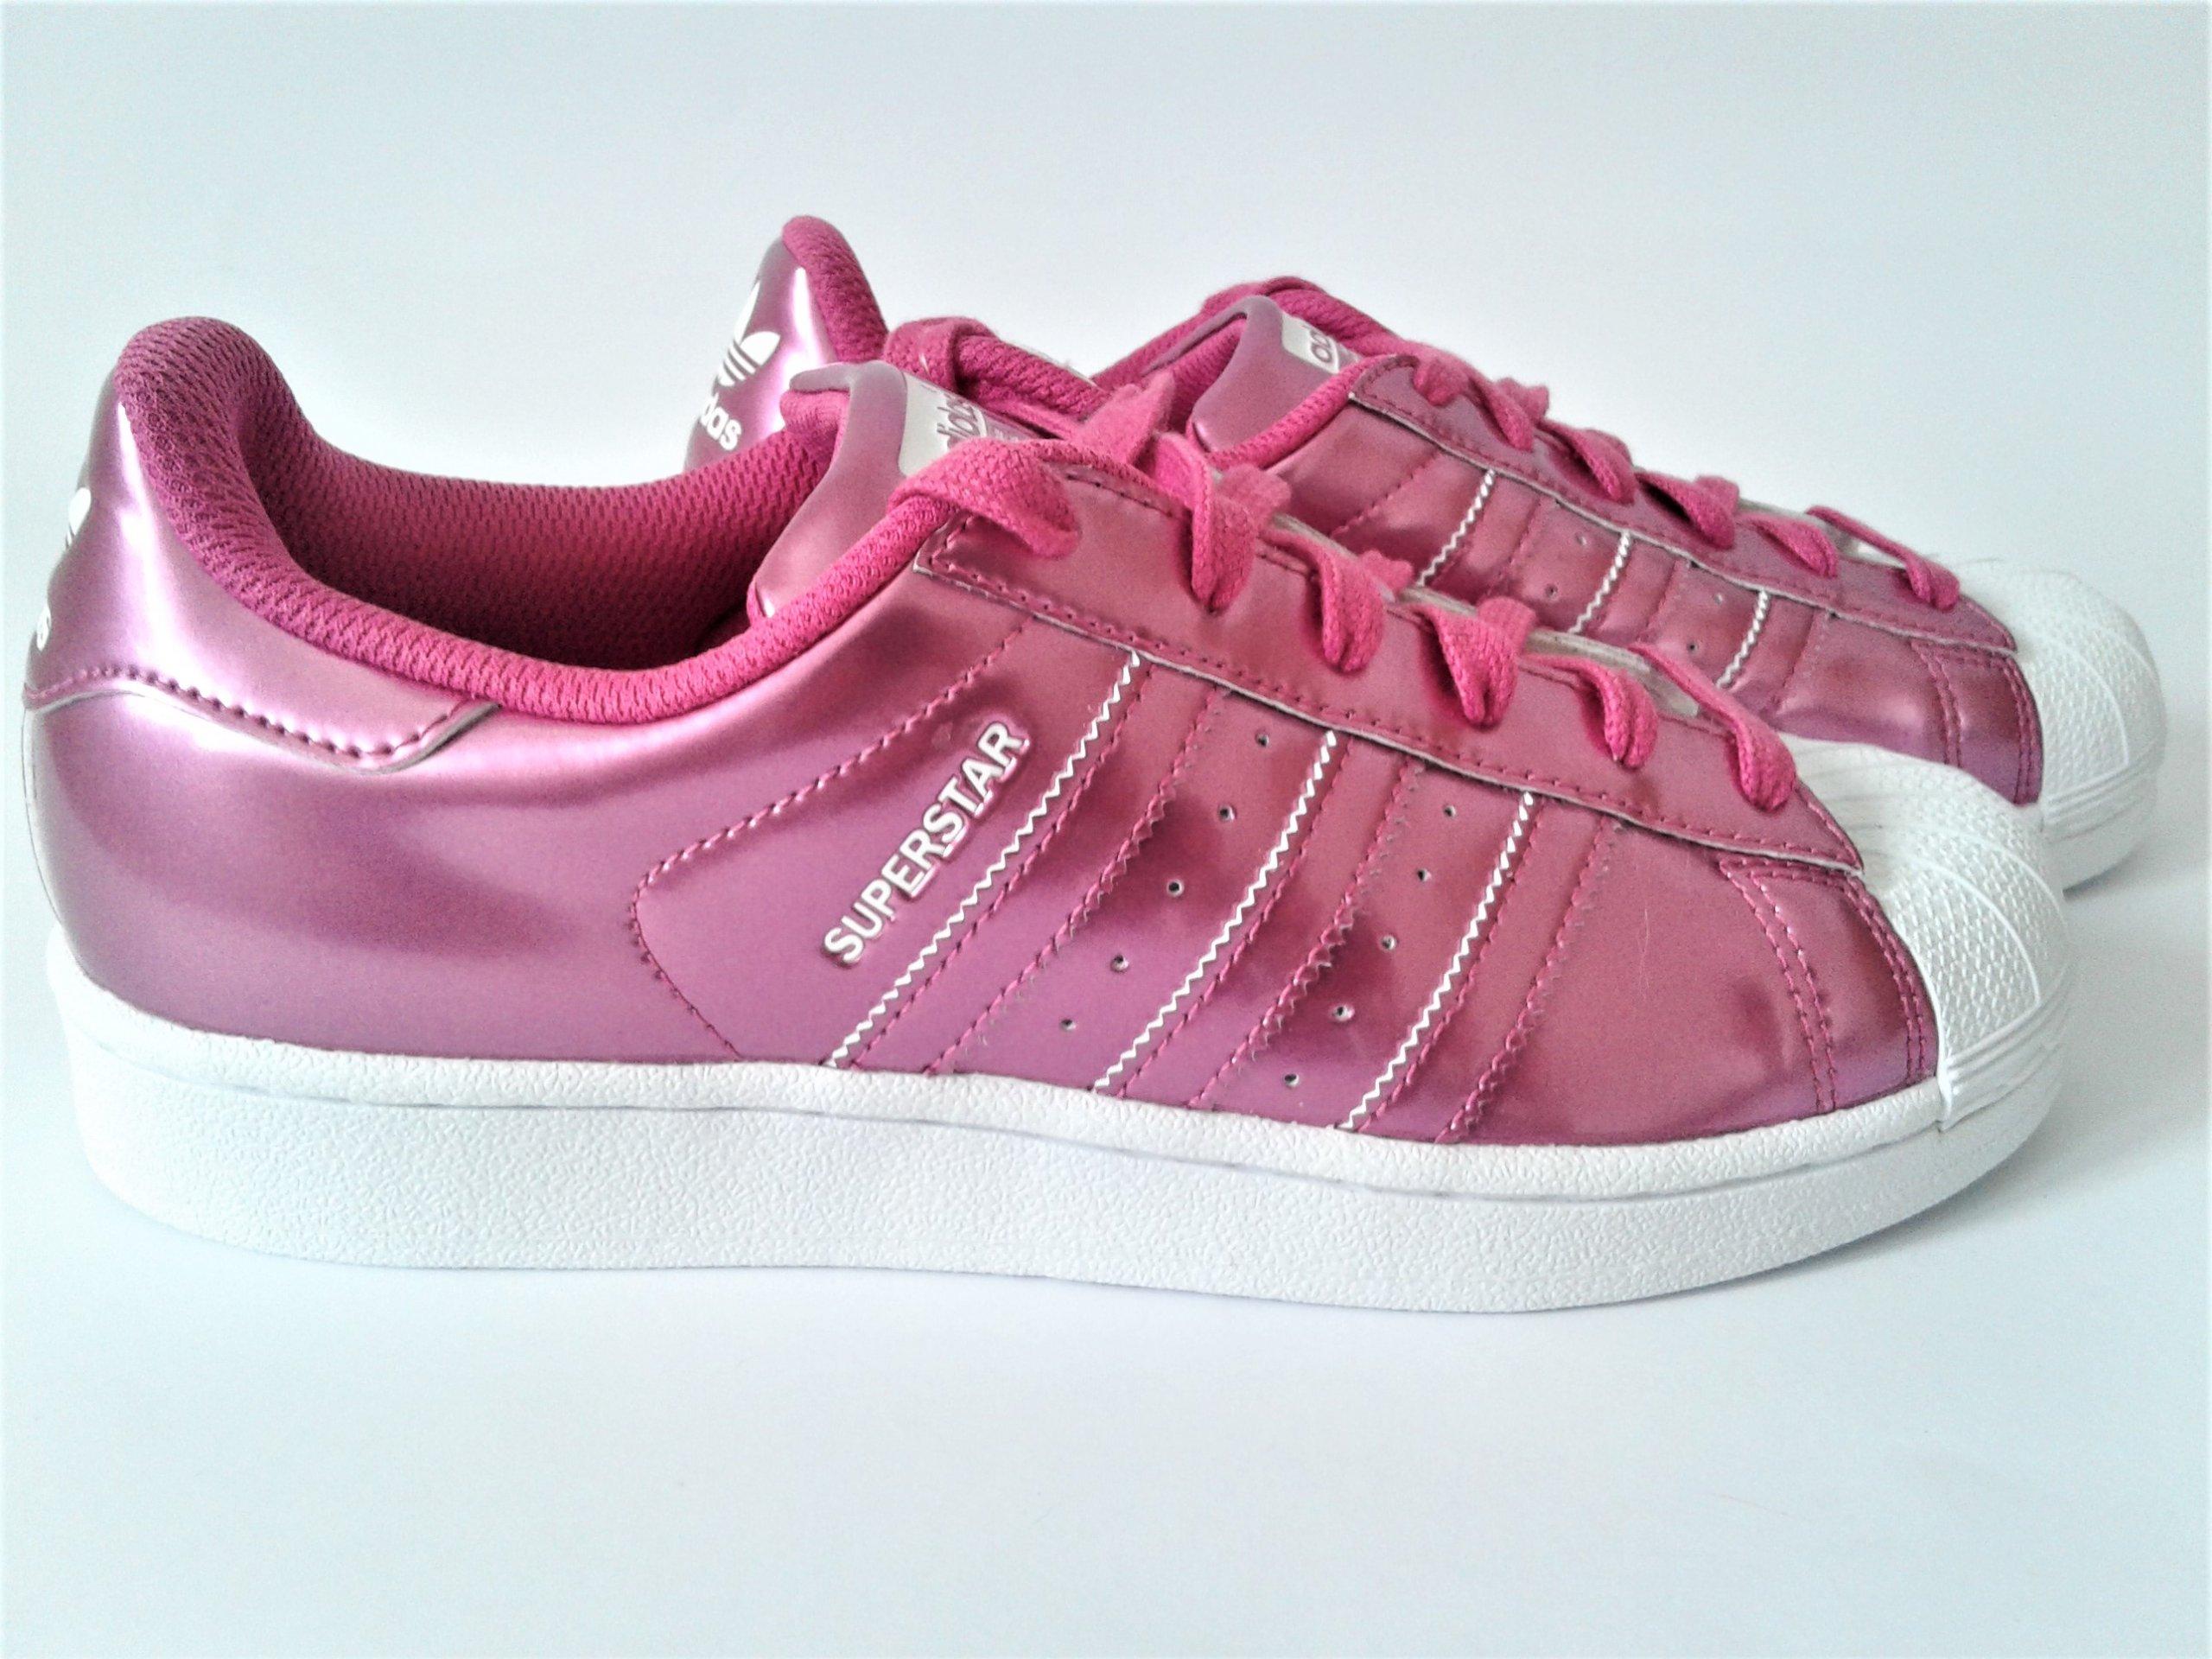 Adidas, Buty m?skie, Superstar, rozmiar 38 23